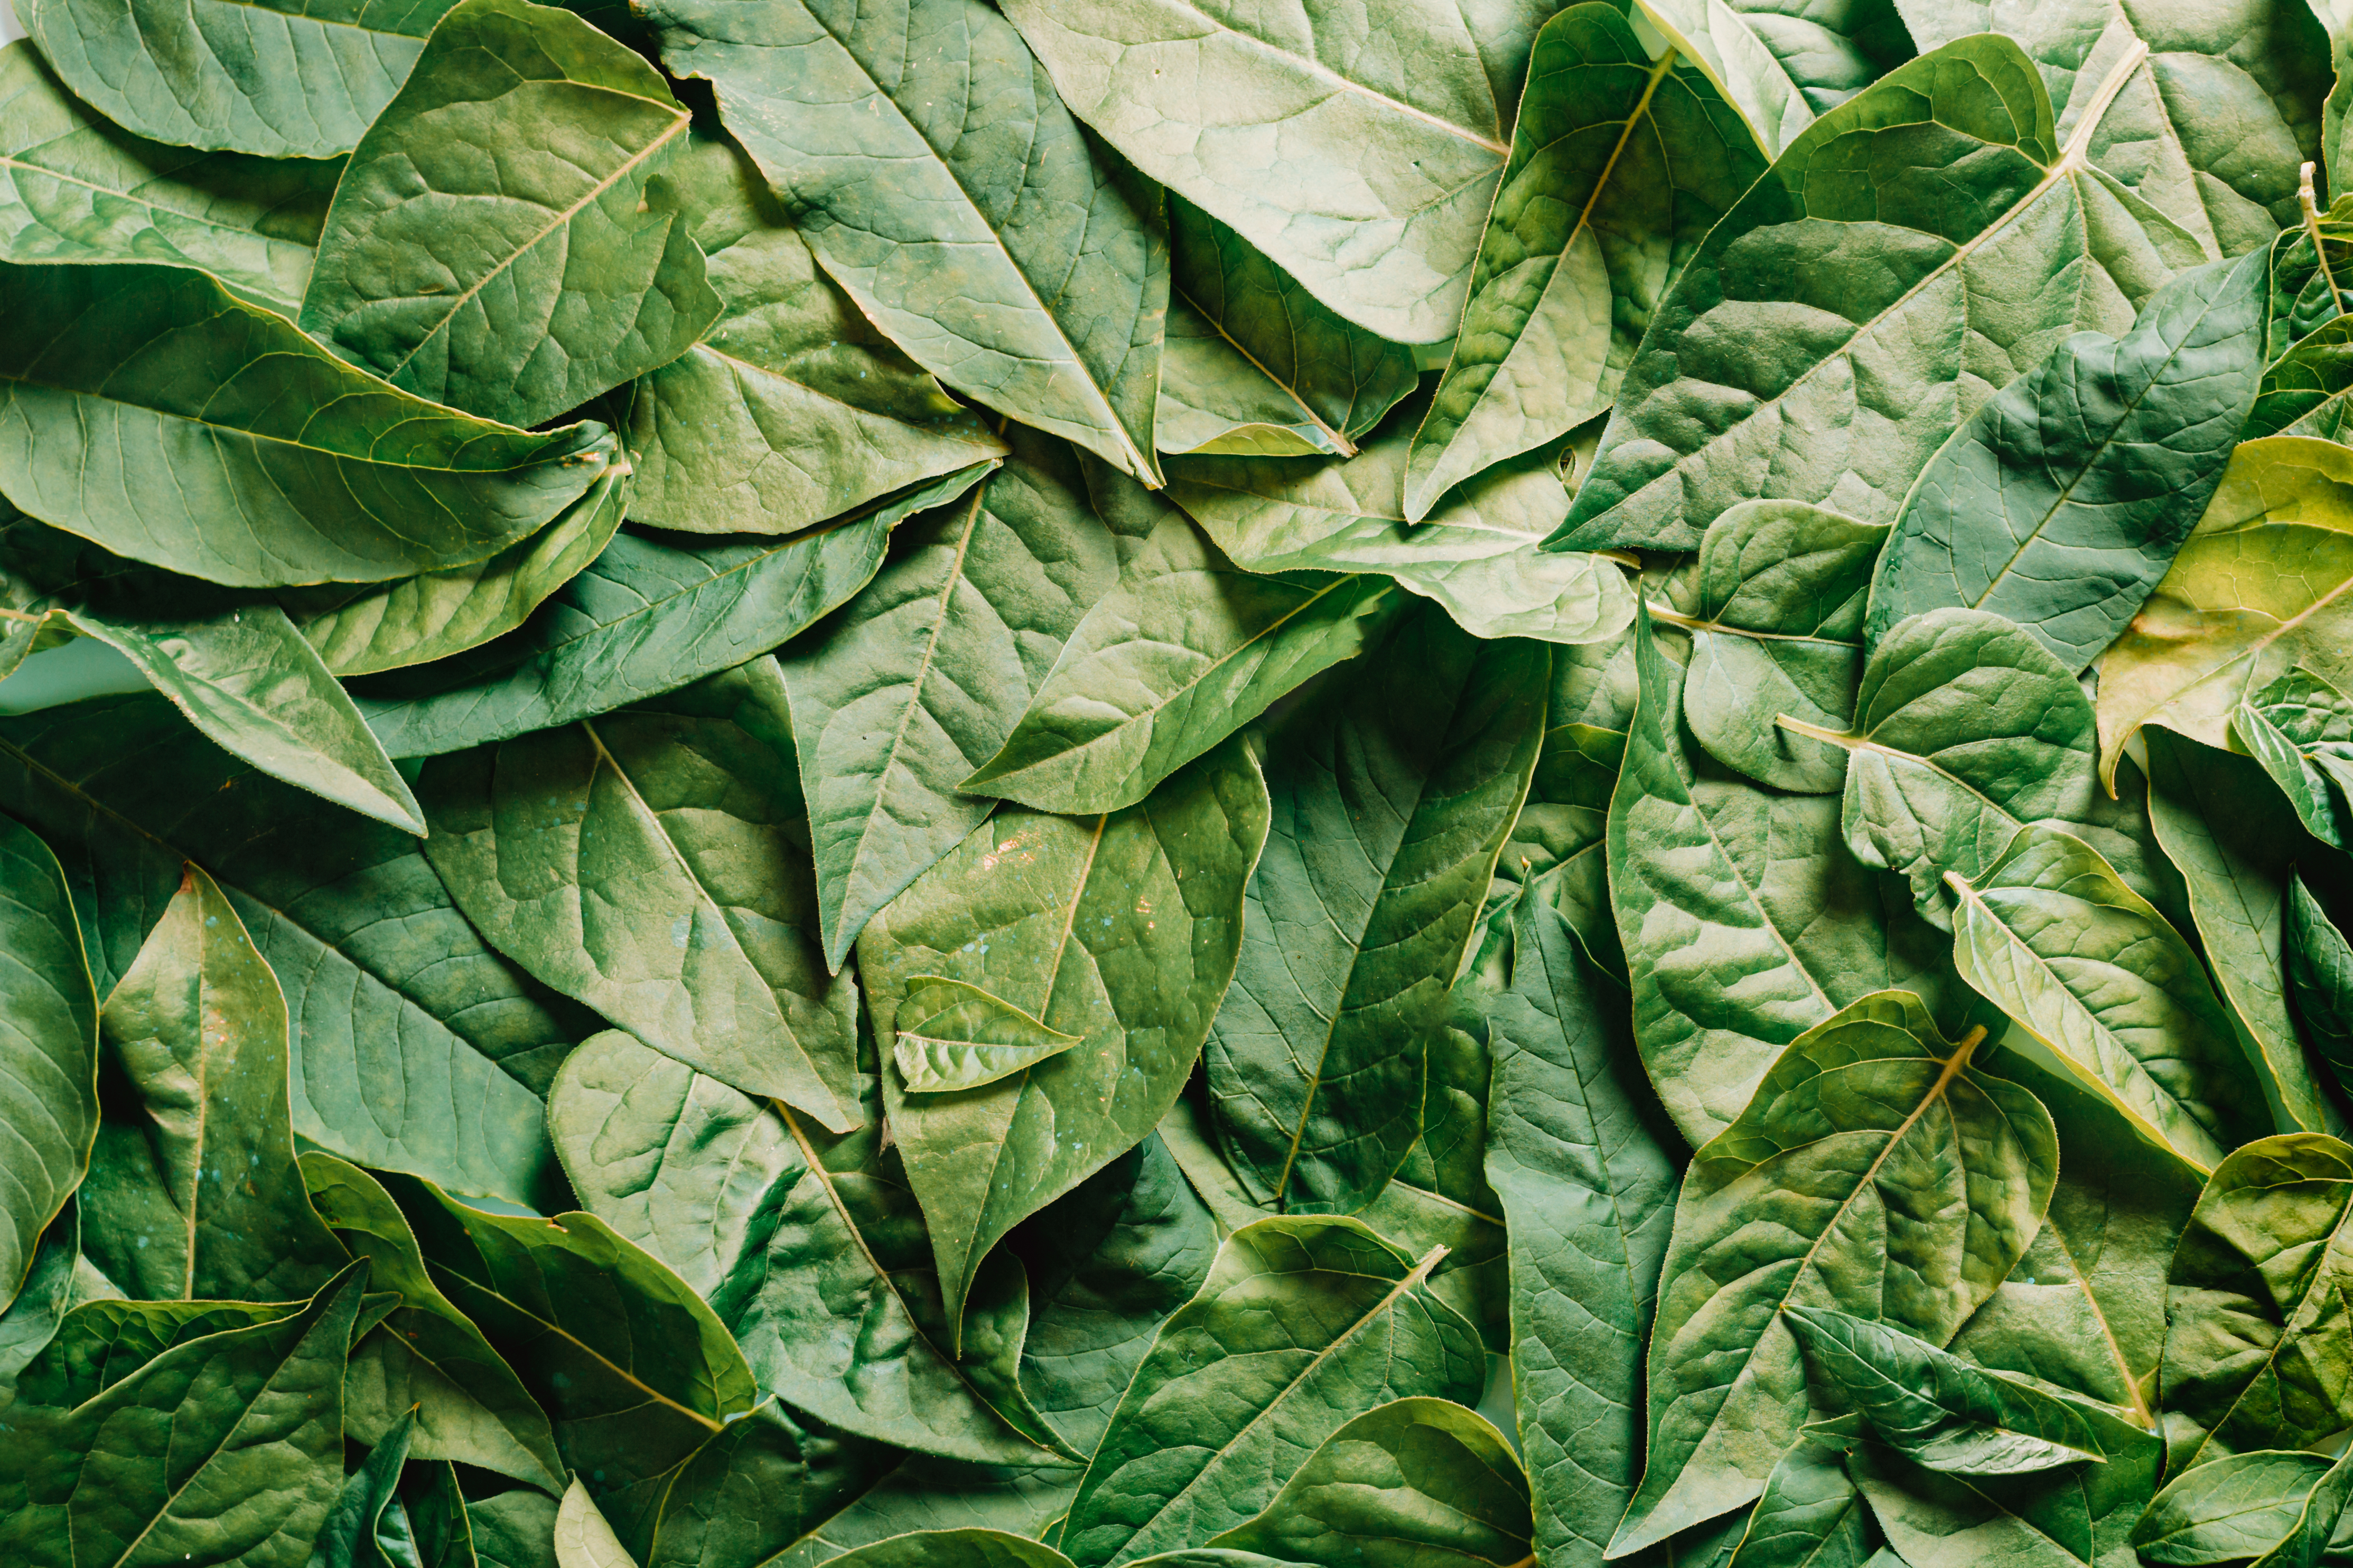 un montón de hojas verdes foto